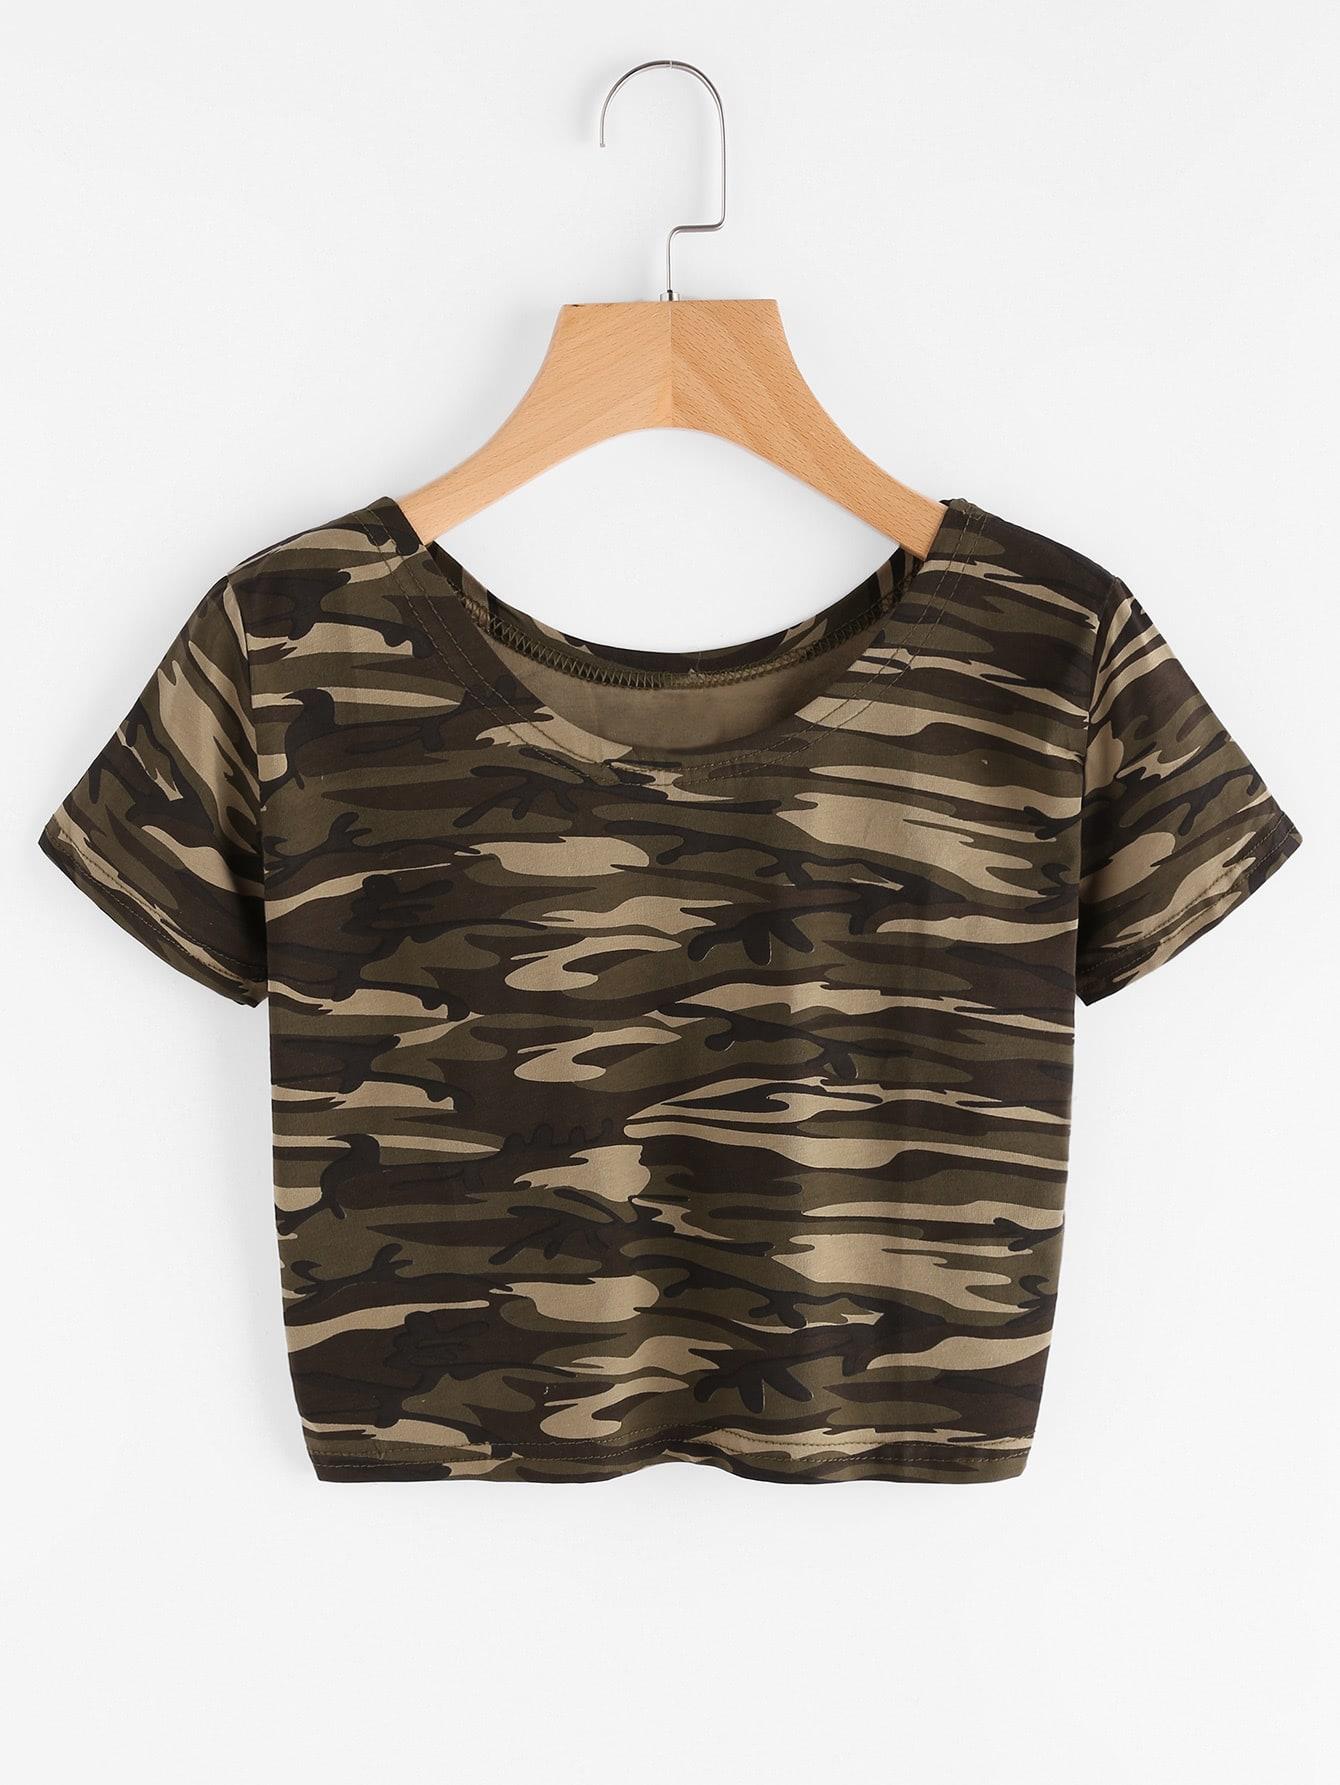 Camo Print Crop Tshirt striped longline tshirt